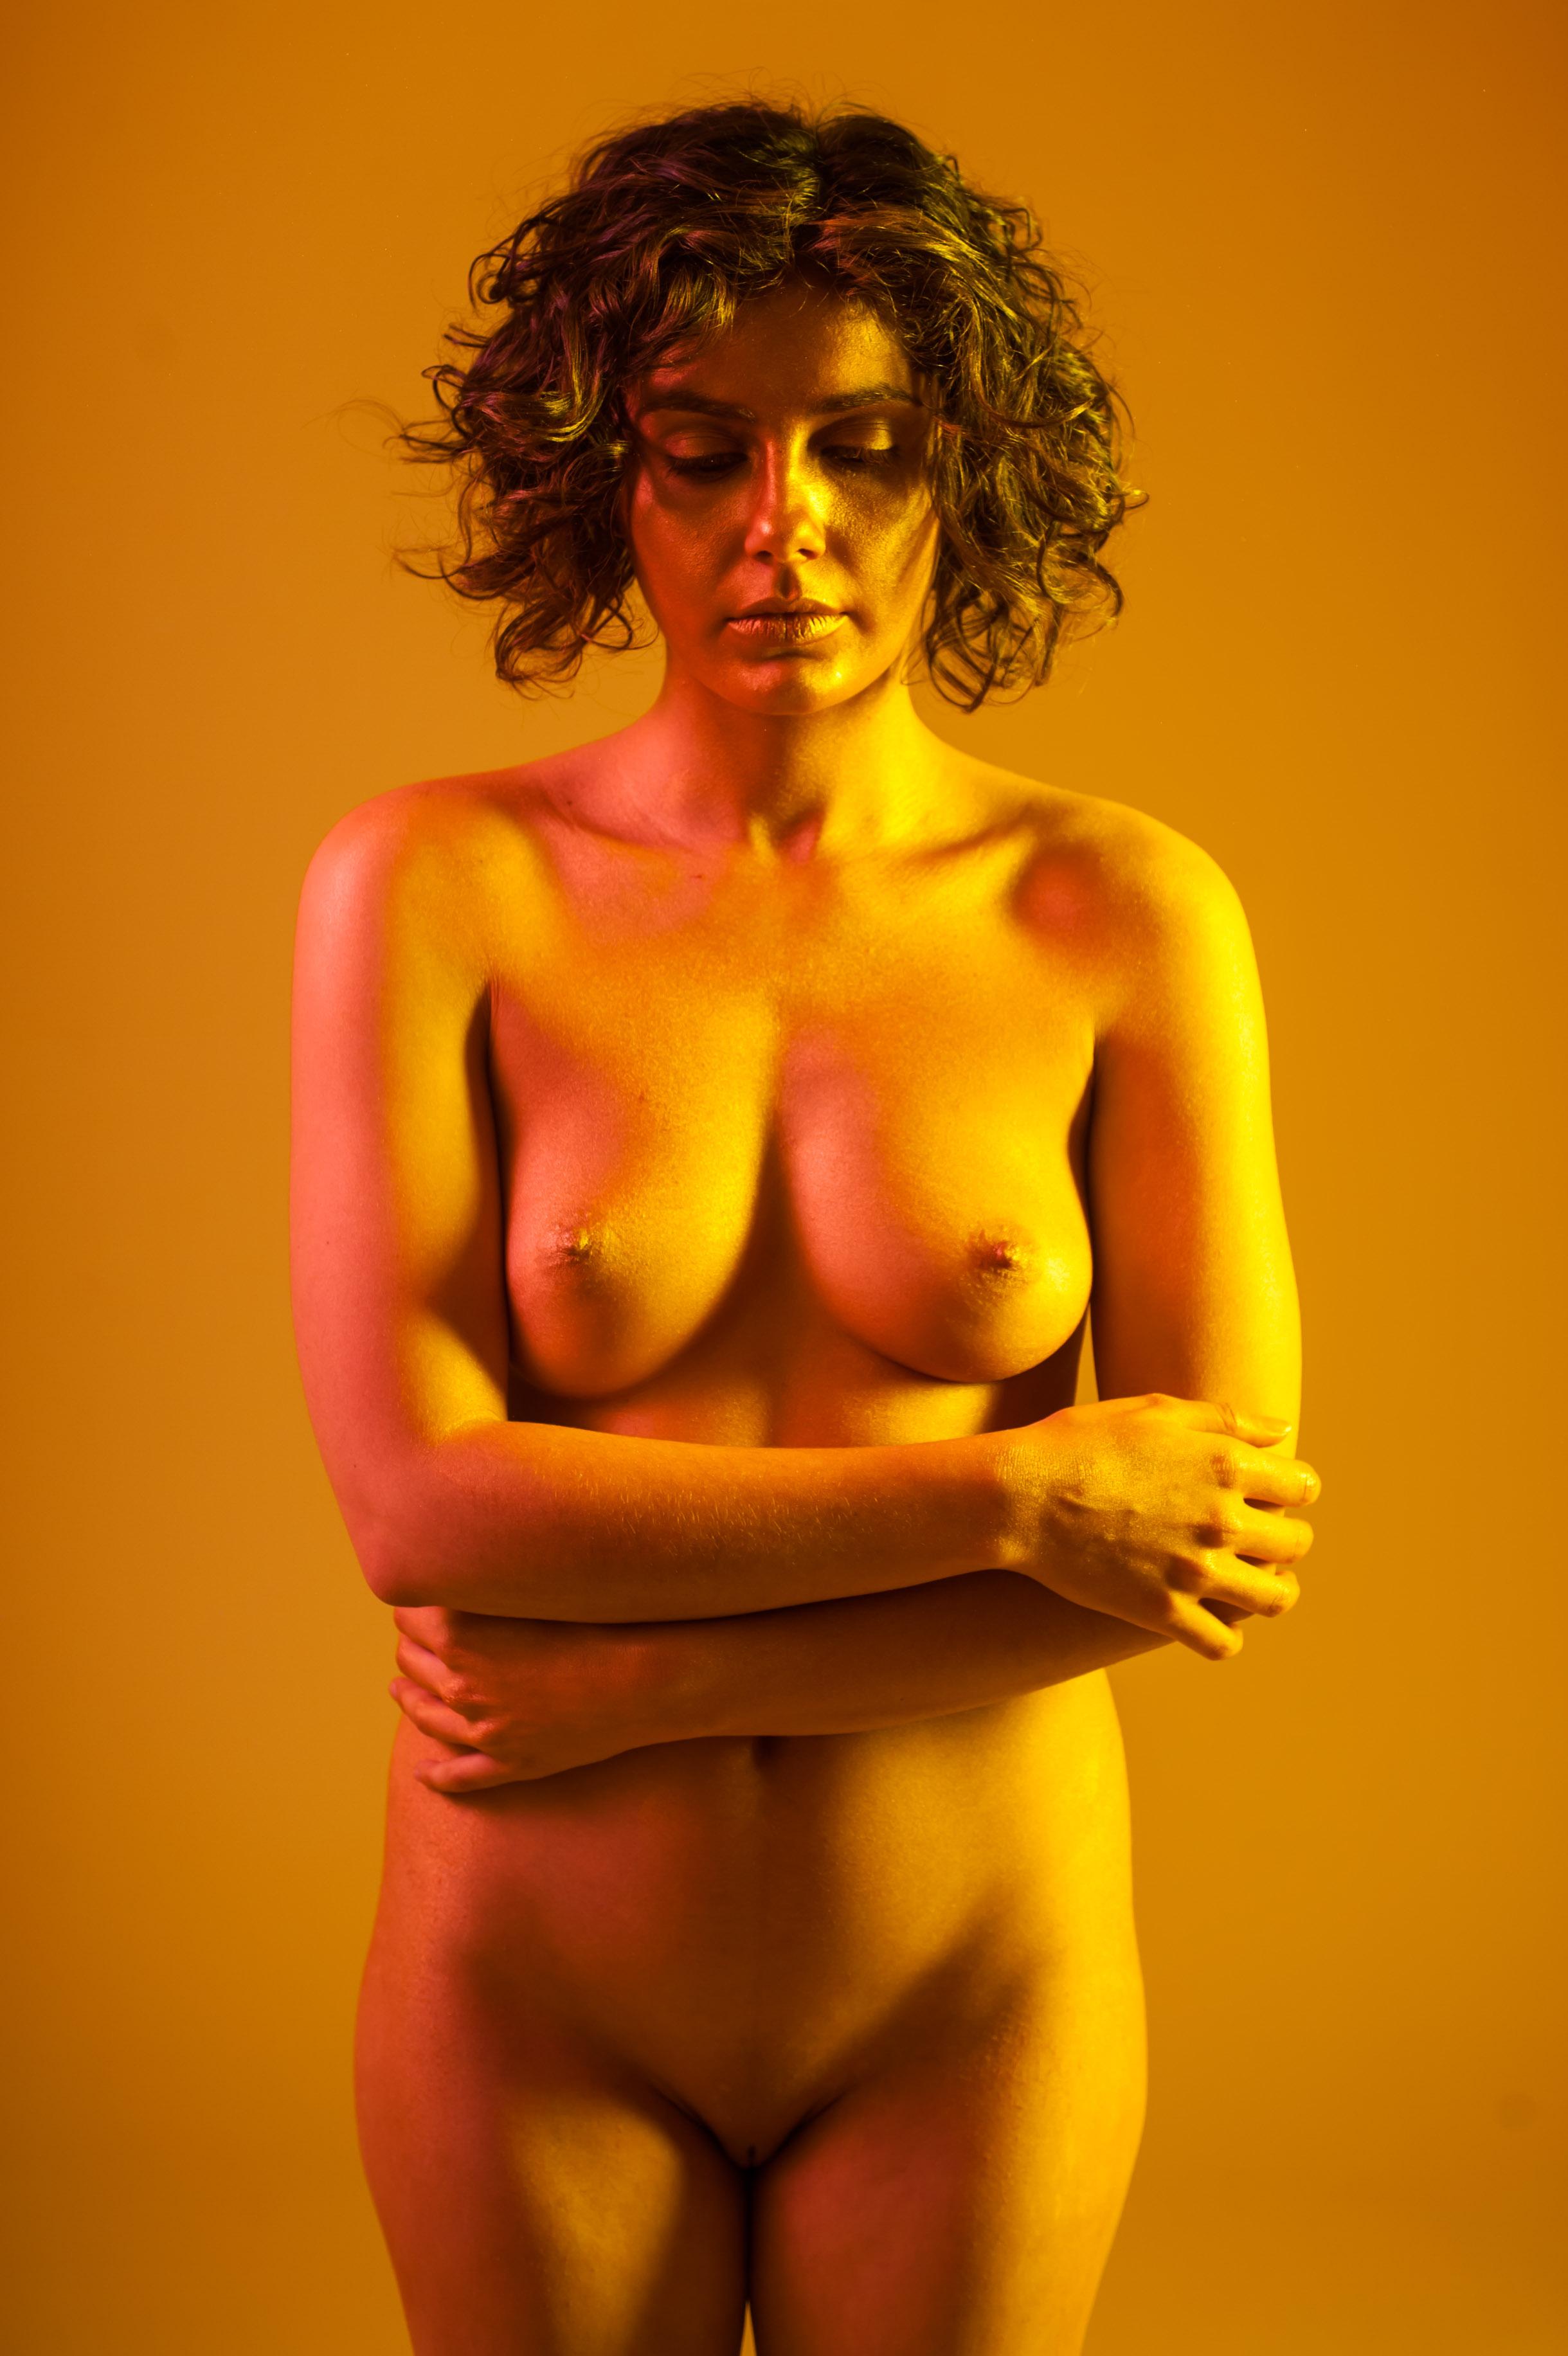 @danae.kristine, photographed by Lindsay Wynn